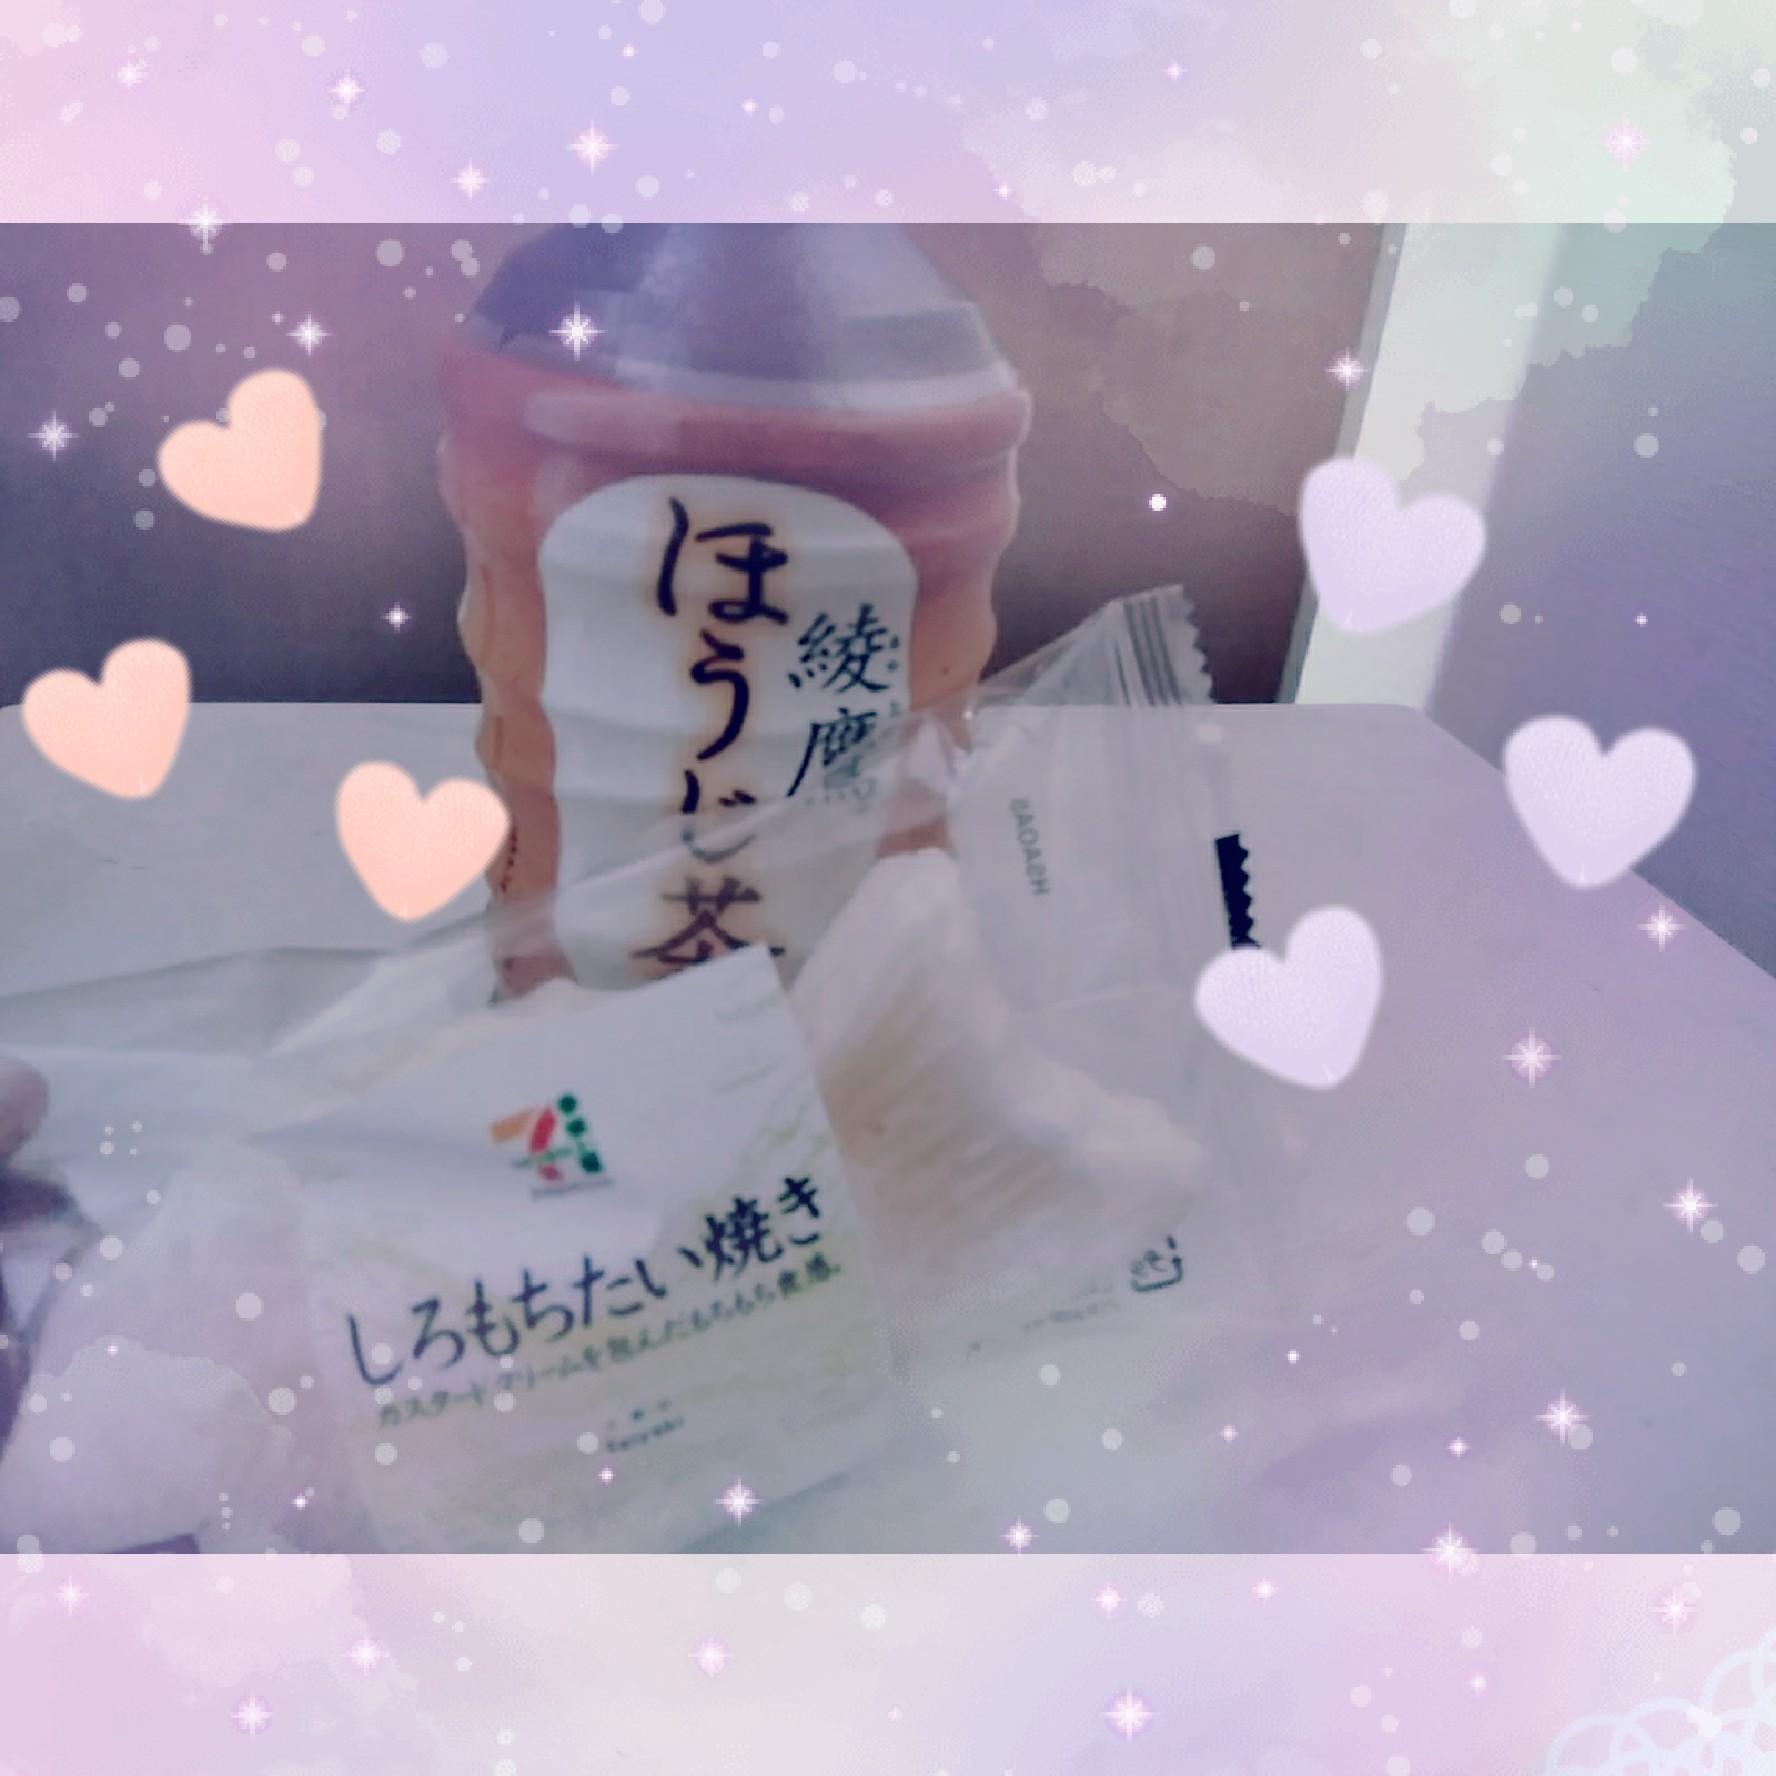 美久里-みくり「今日のお礼?」11/19(月) 18:46 | 美久里-みくりの写メ・風俗動画